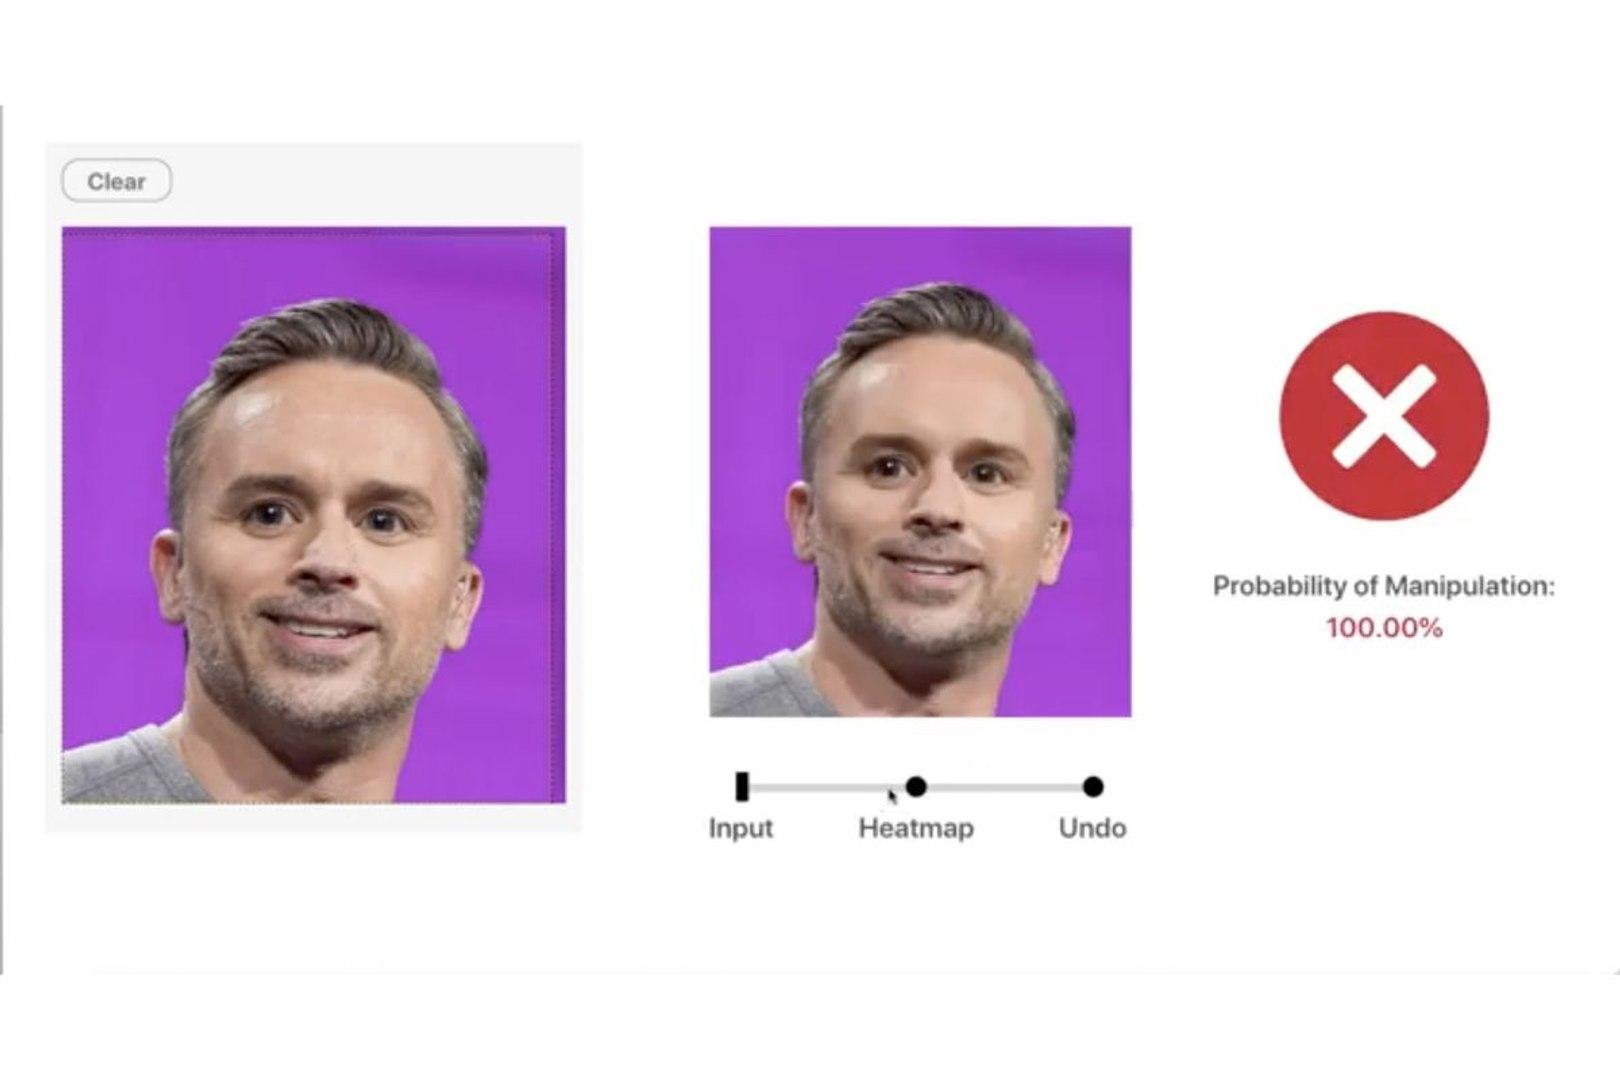 تقنية جديدة من Adobe لكشف الصور المُعدلة بواسطة الفوتوشوب